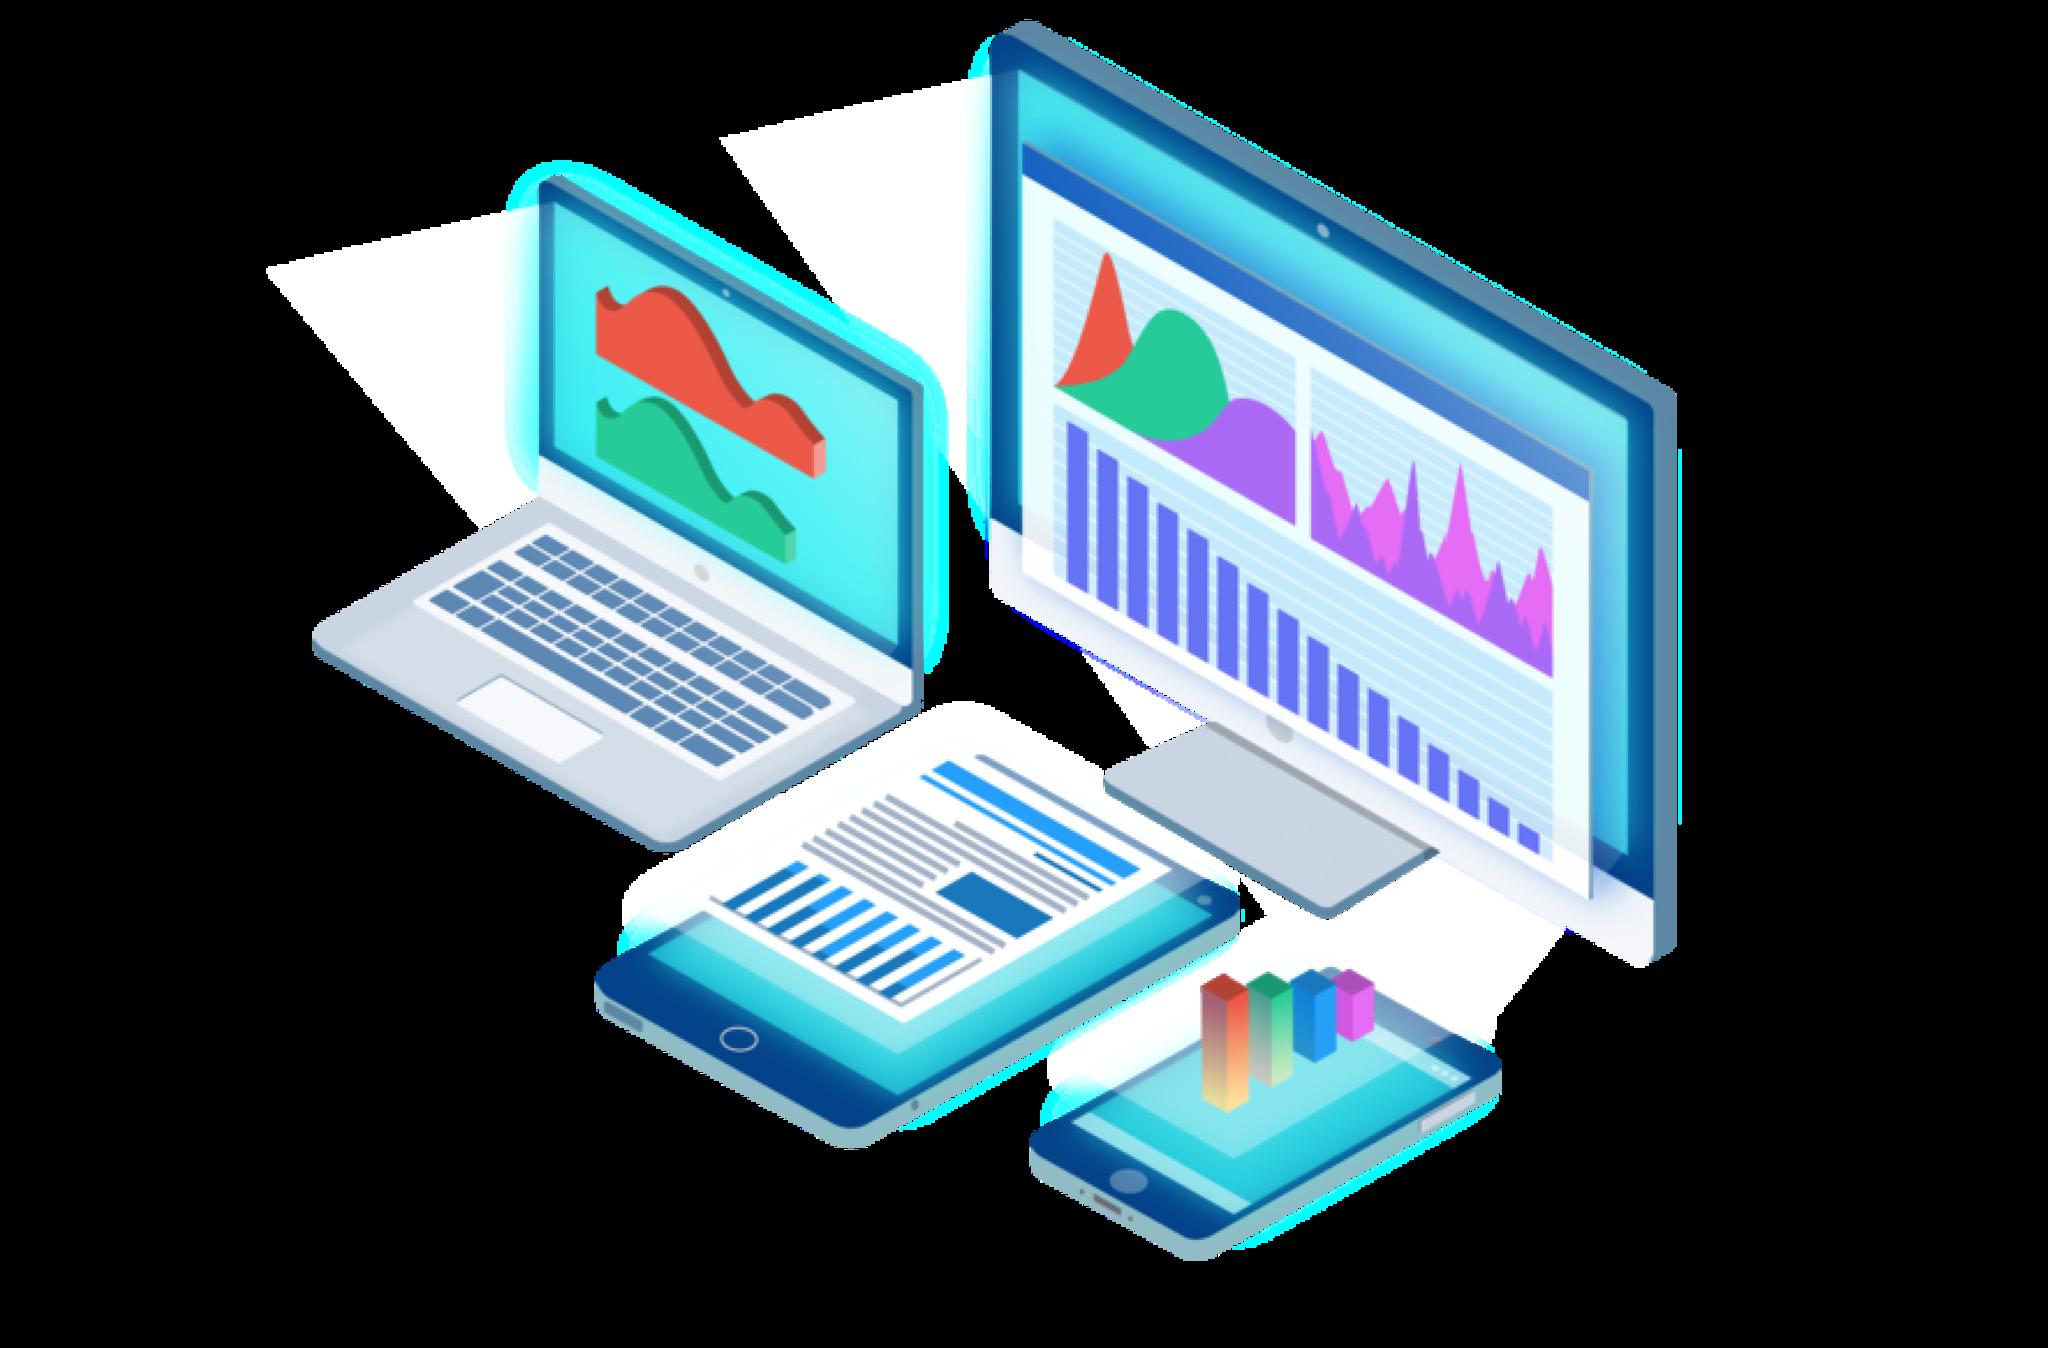 Modern Analytics Apps for the Enterprise - Plotly